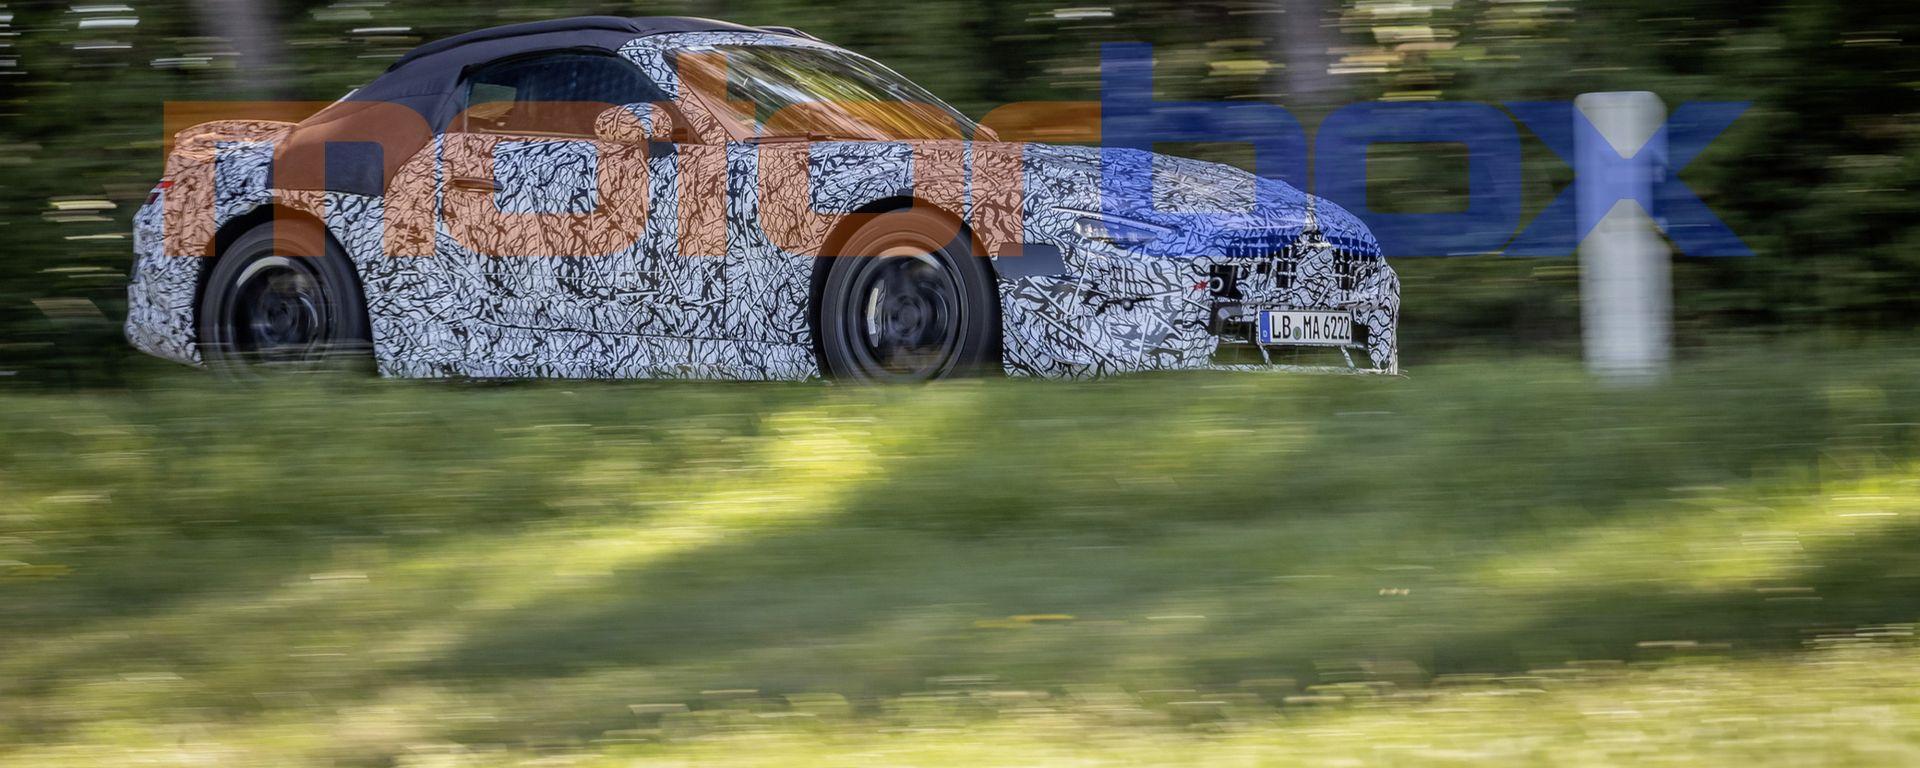 Nuova Mercedes SL Roadster 2022: di nuovo sulla strada la stella di Stoccarda